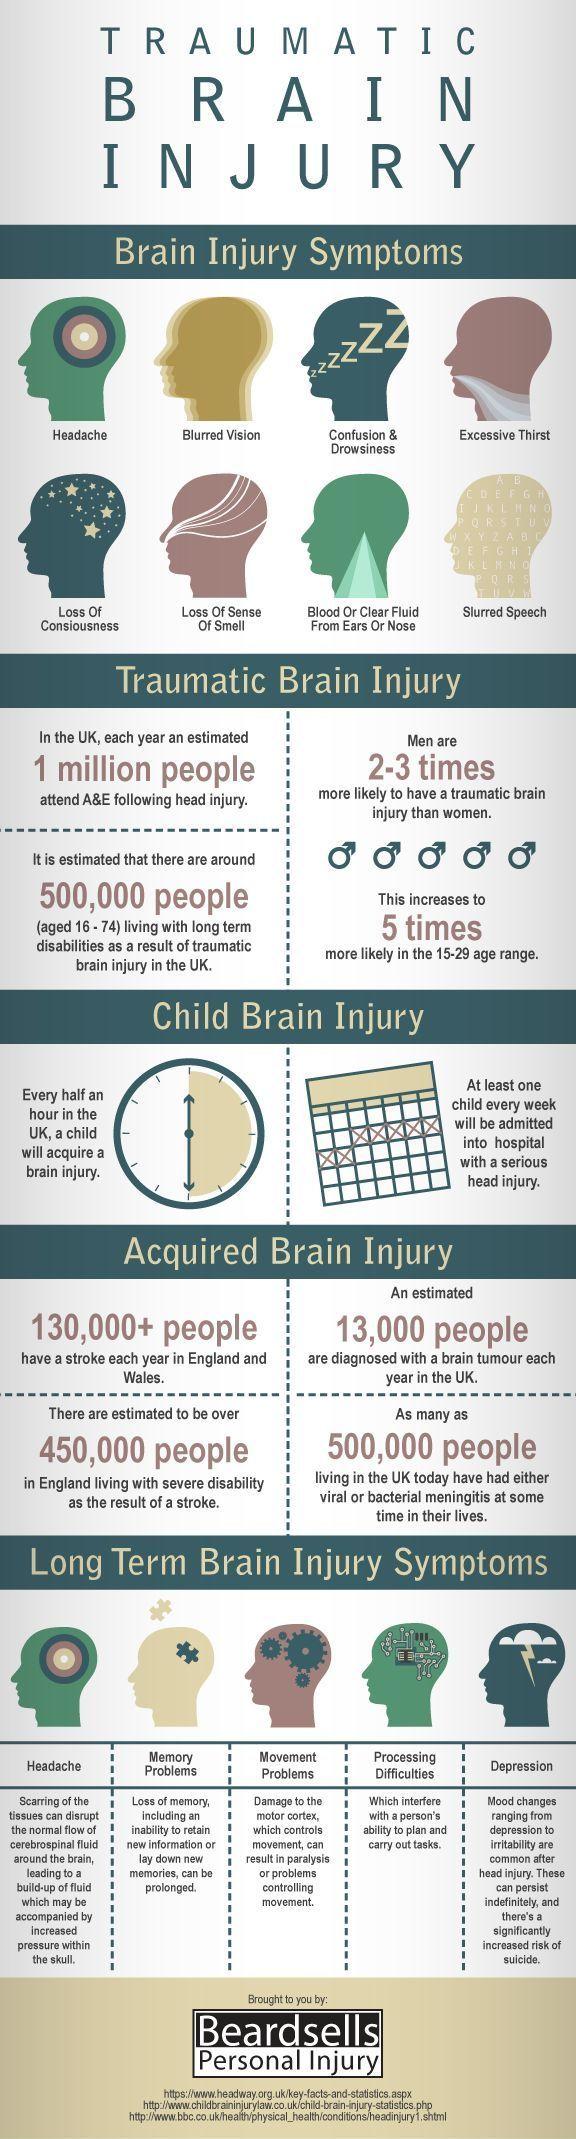 traumatic-brain-injury-infographic